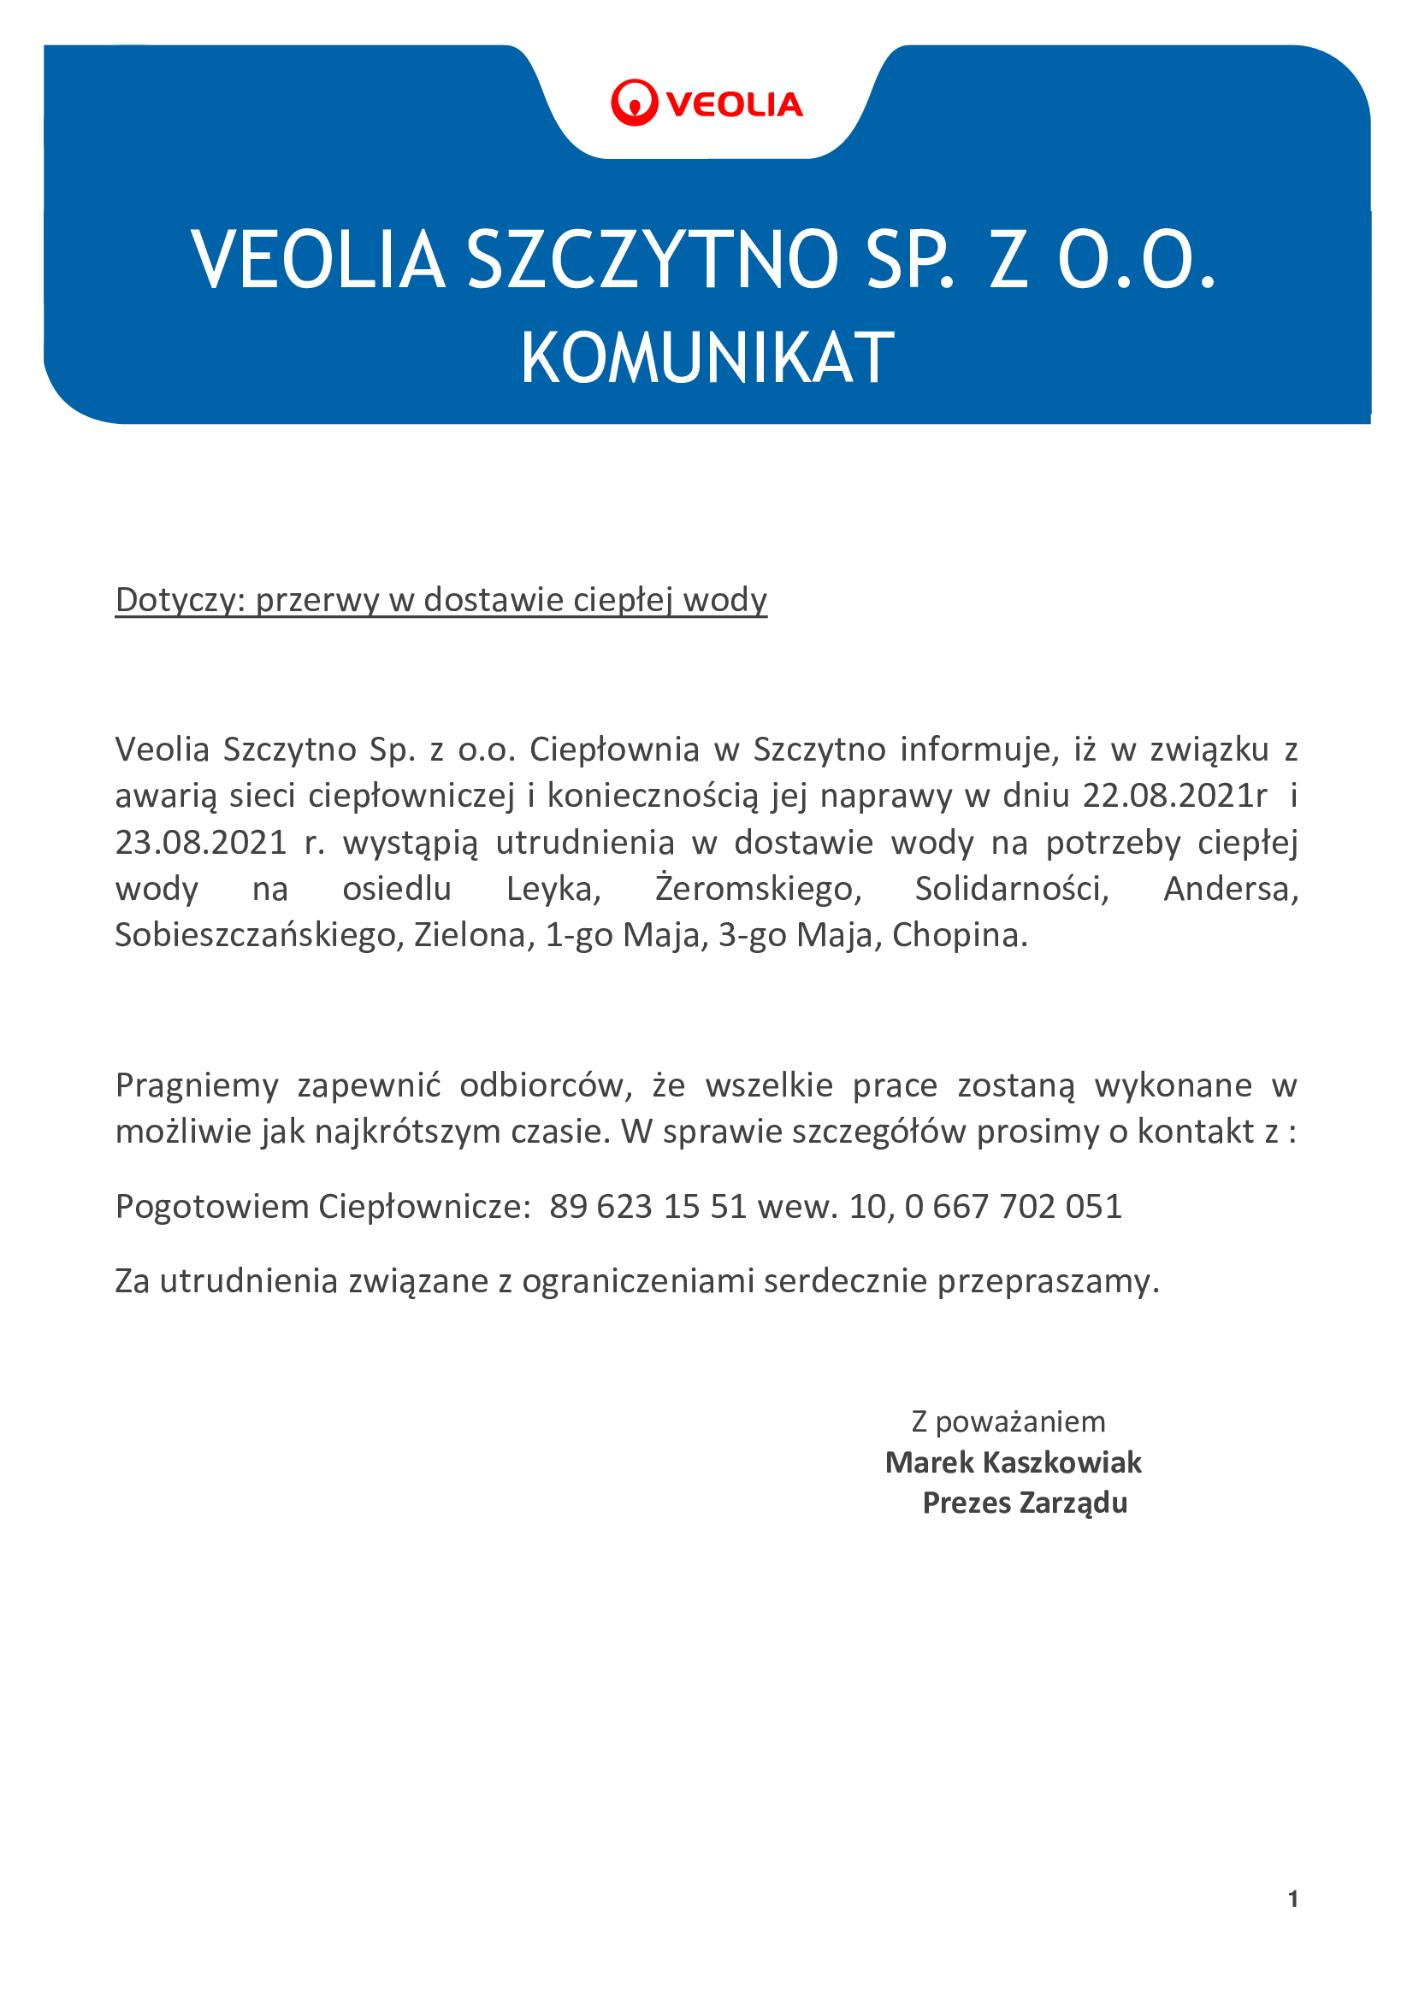 https://m.powiatszczycienski.pl/2021/08/orig/projekt-bez-tytulu-12-42556.png